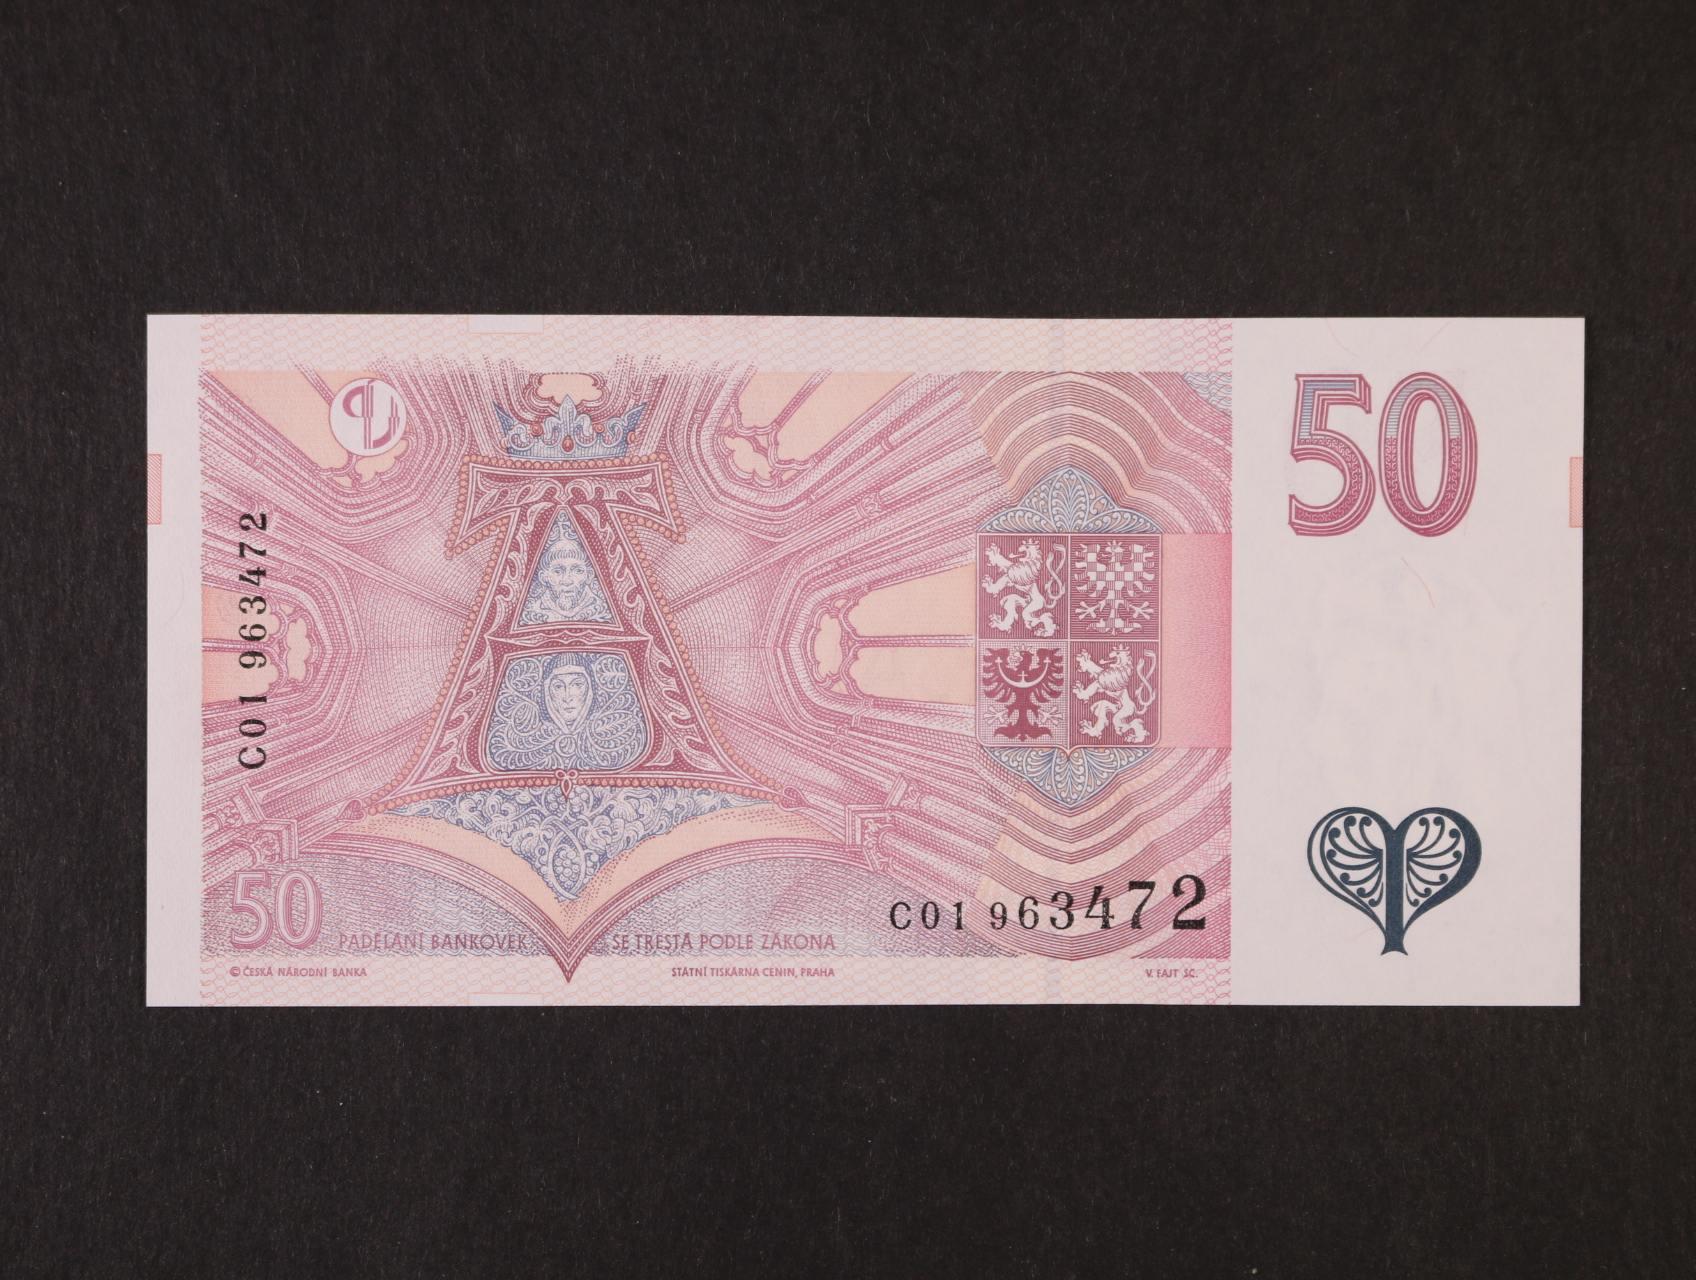 50 Kč 1997 série C 01, Ba. CZ 17, Pi. 17a